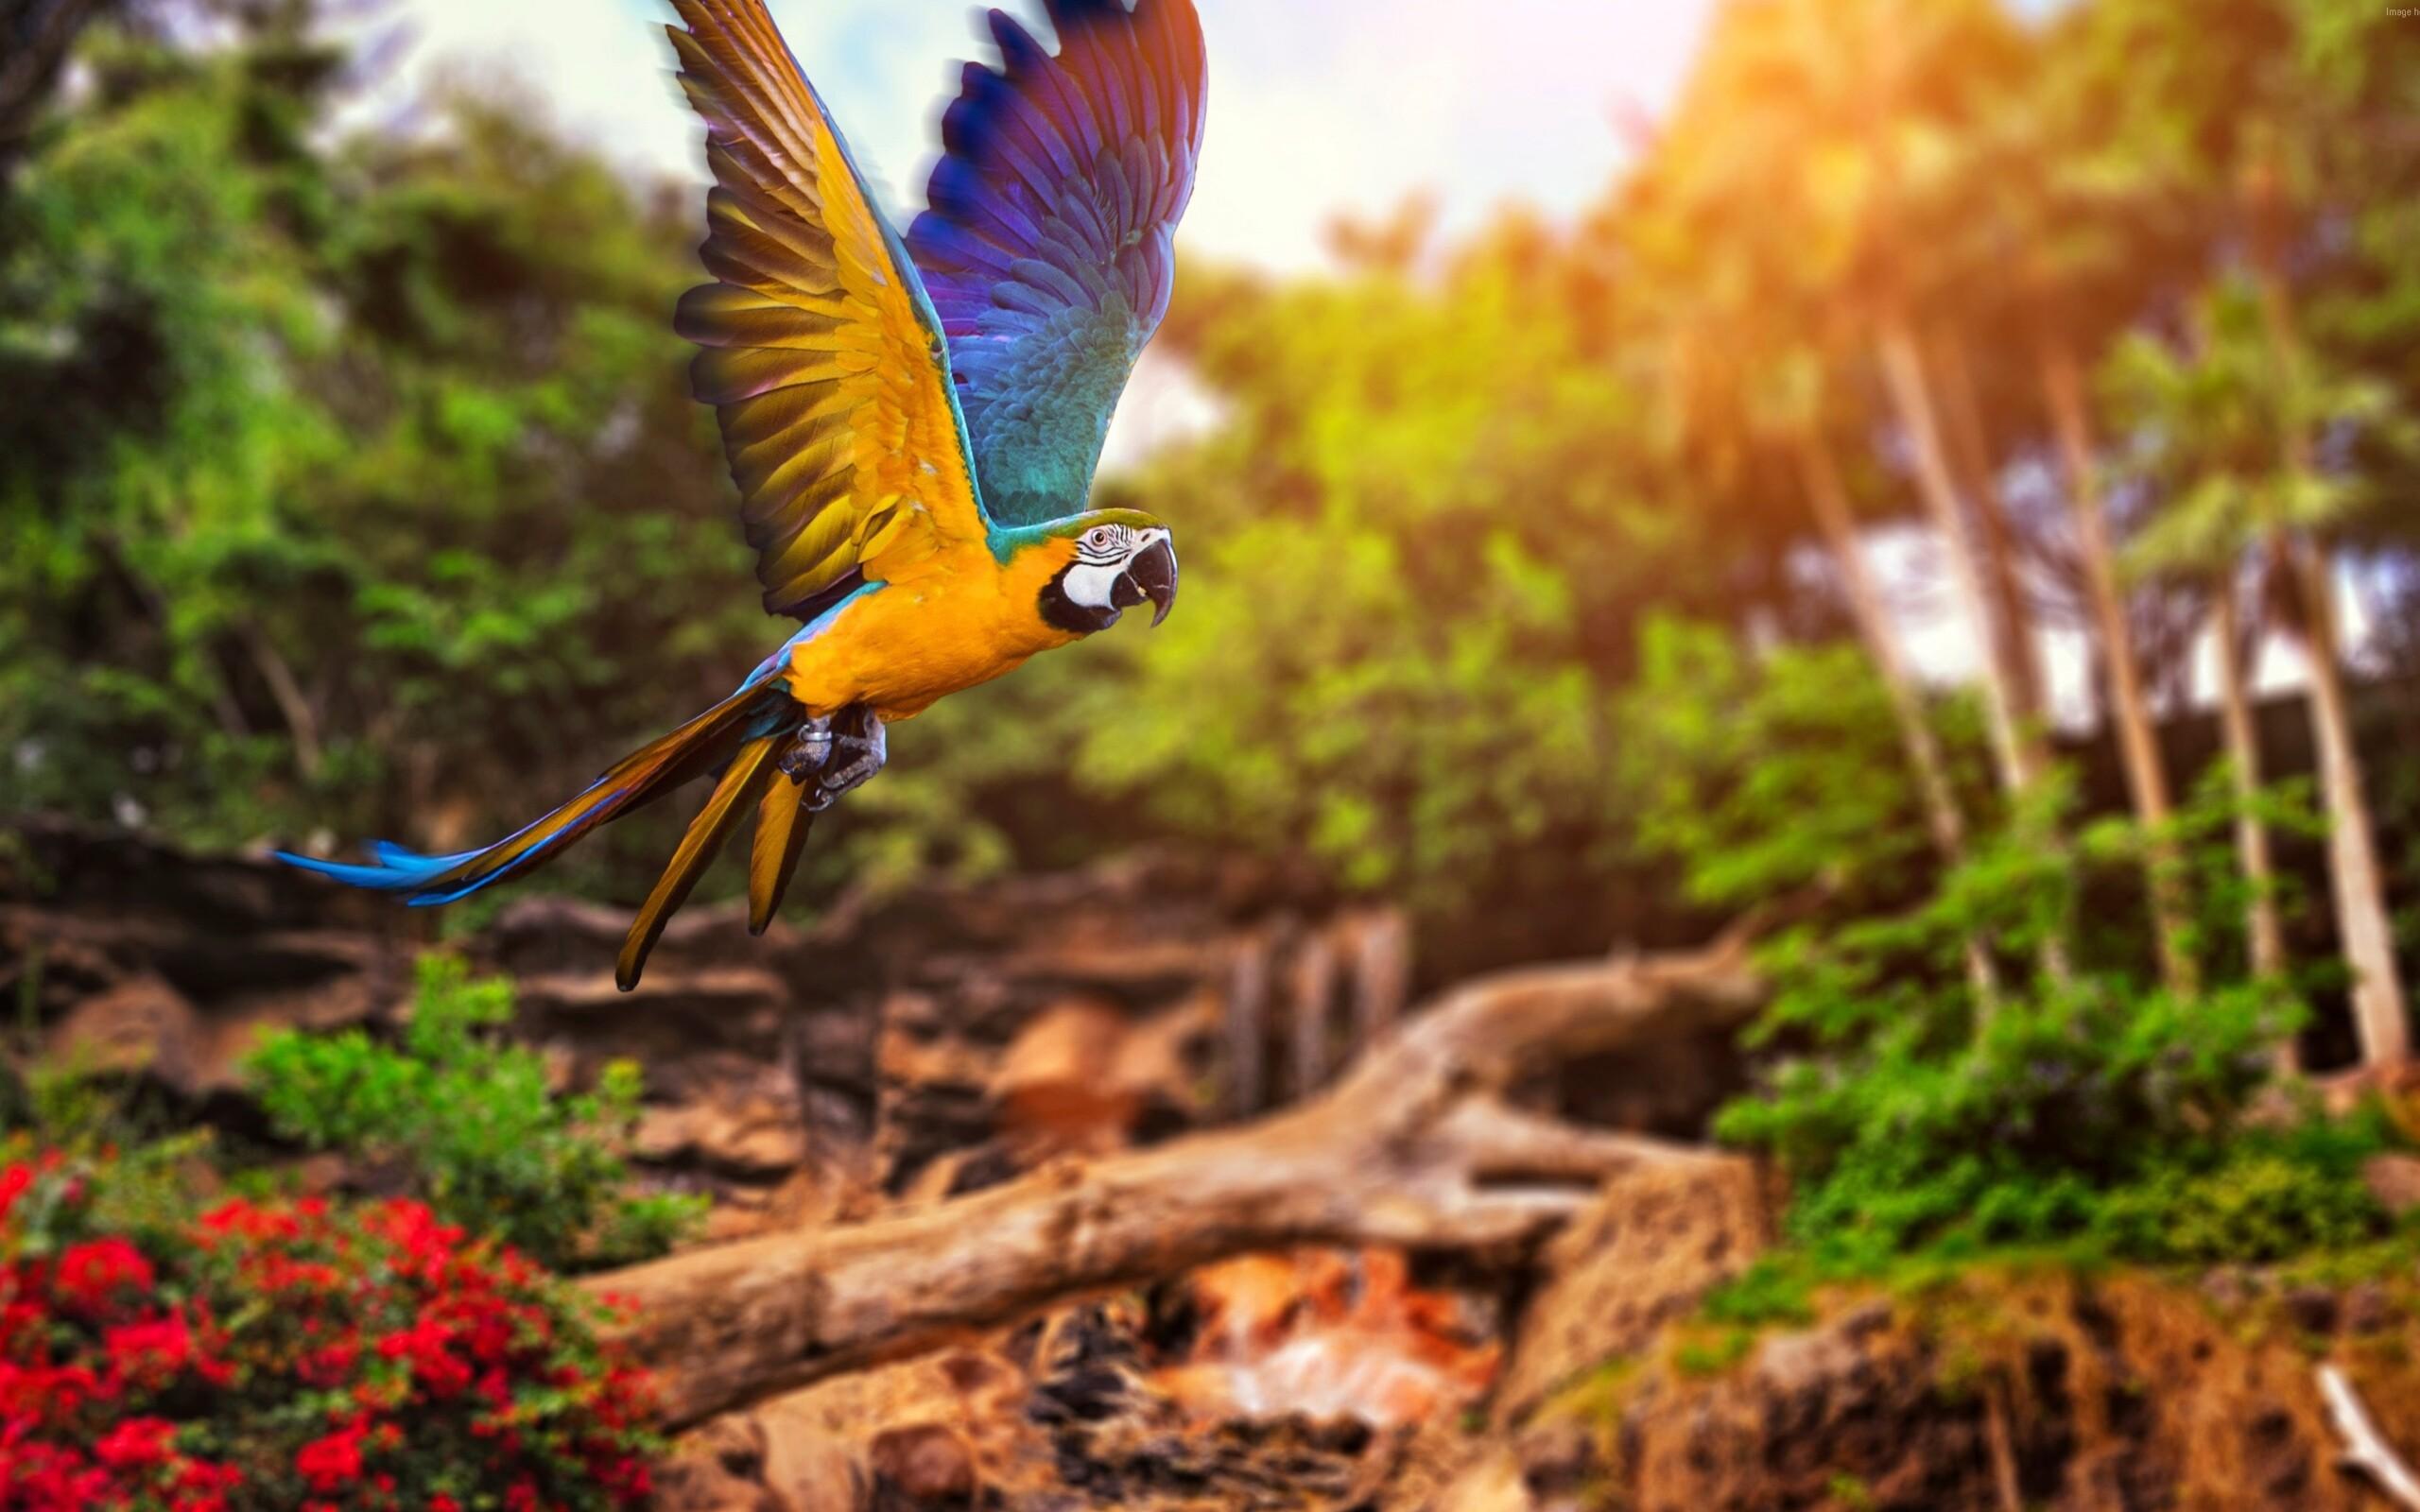 природа животные птицы попугаи  № 103514 бесплатно